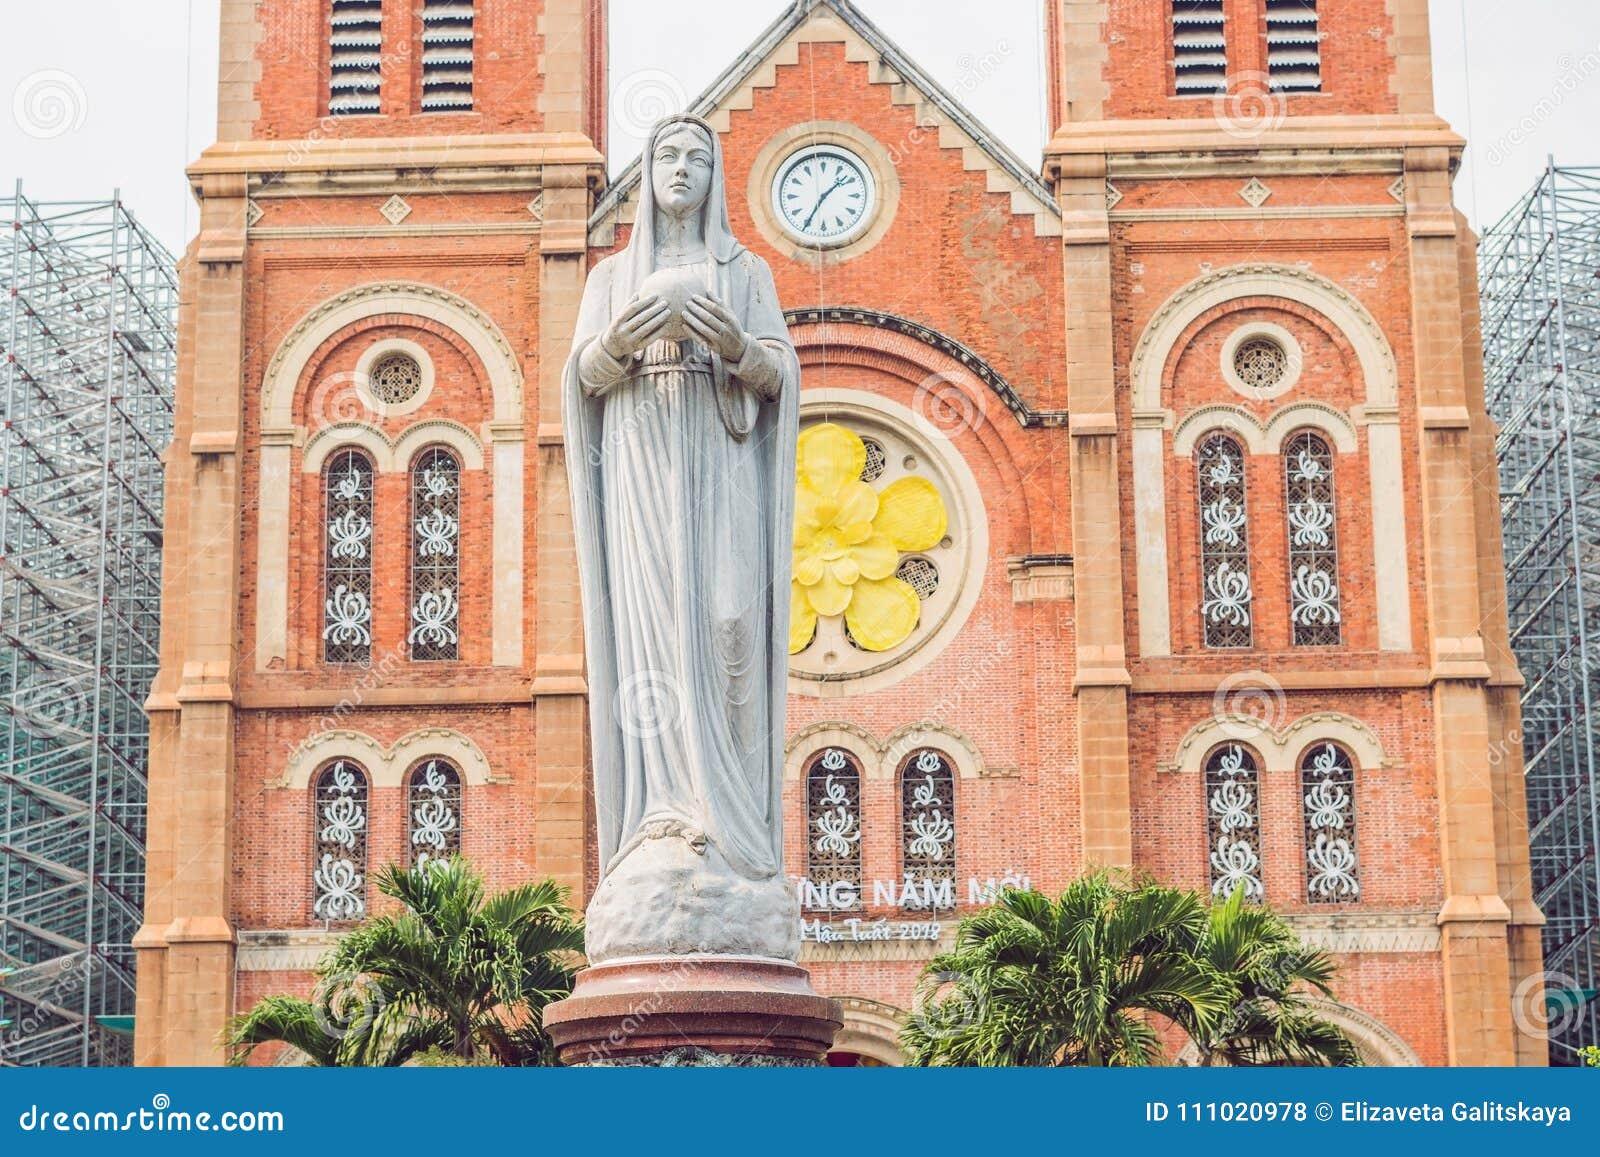 La catedral de Notre Dame de Saigon, construye en 1883 en la ciudad de Ho Chi Minh, Vietnam